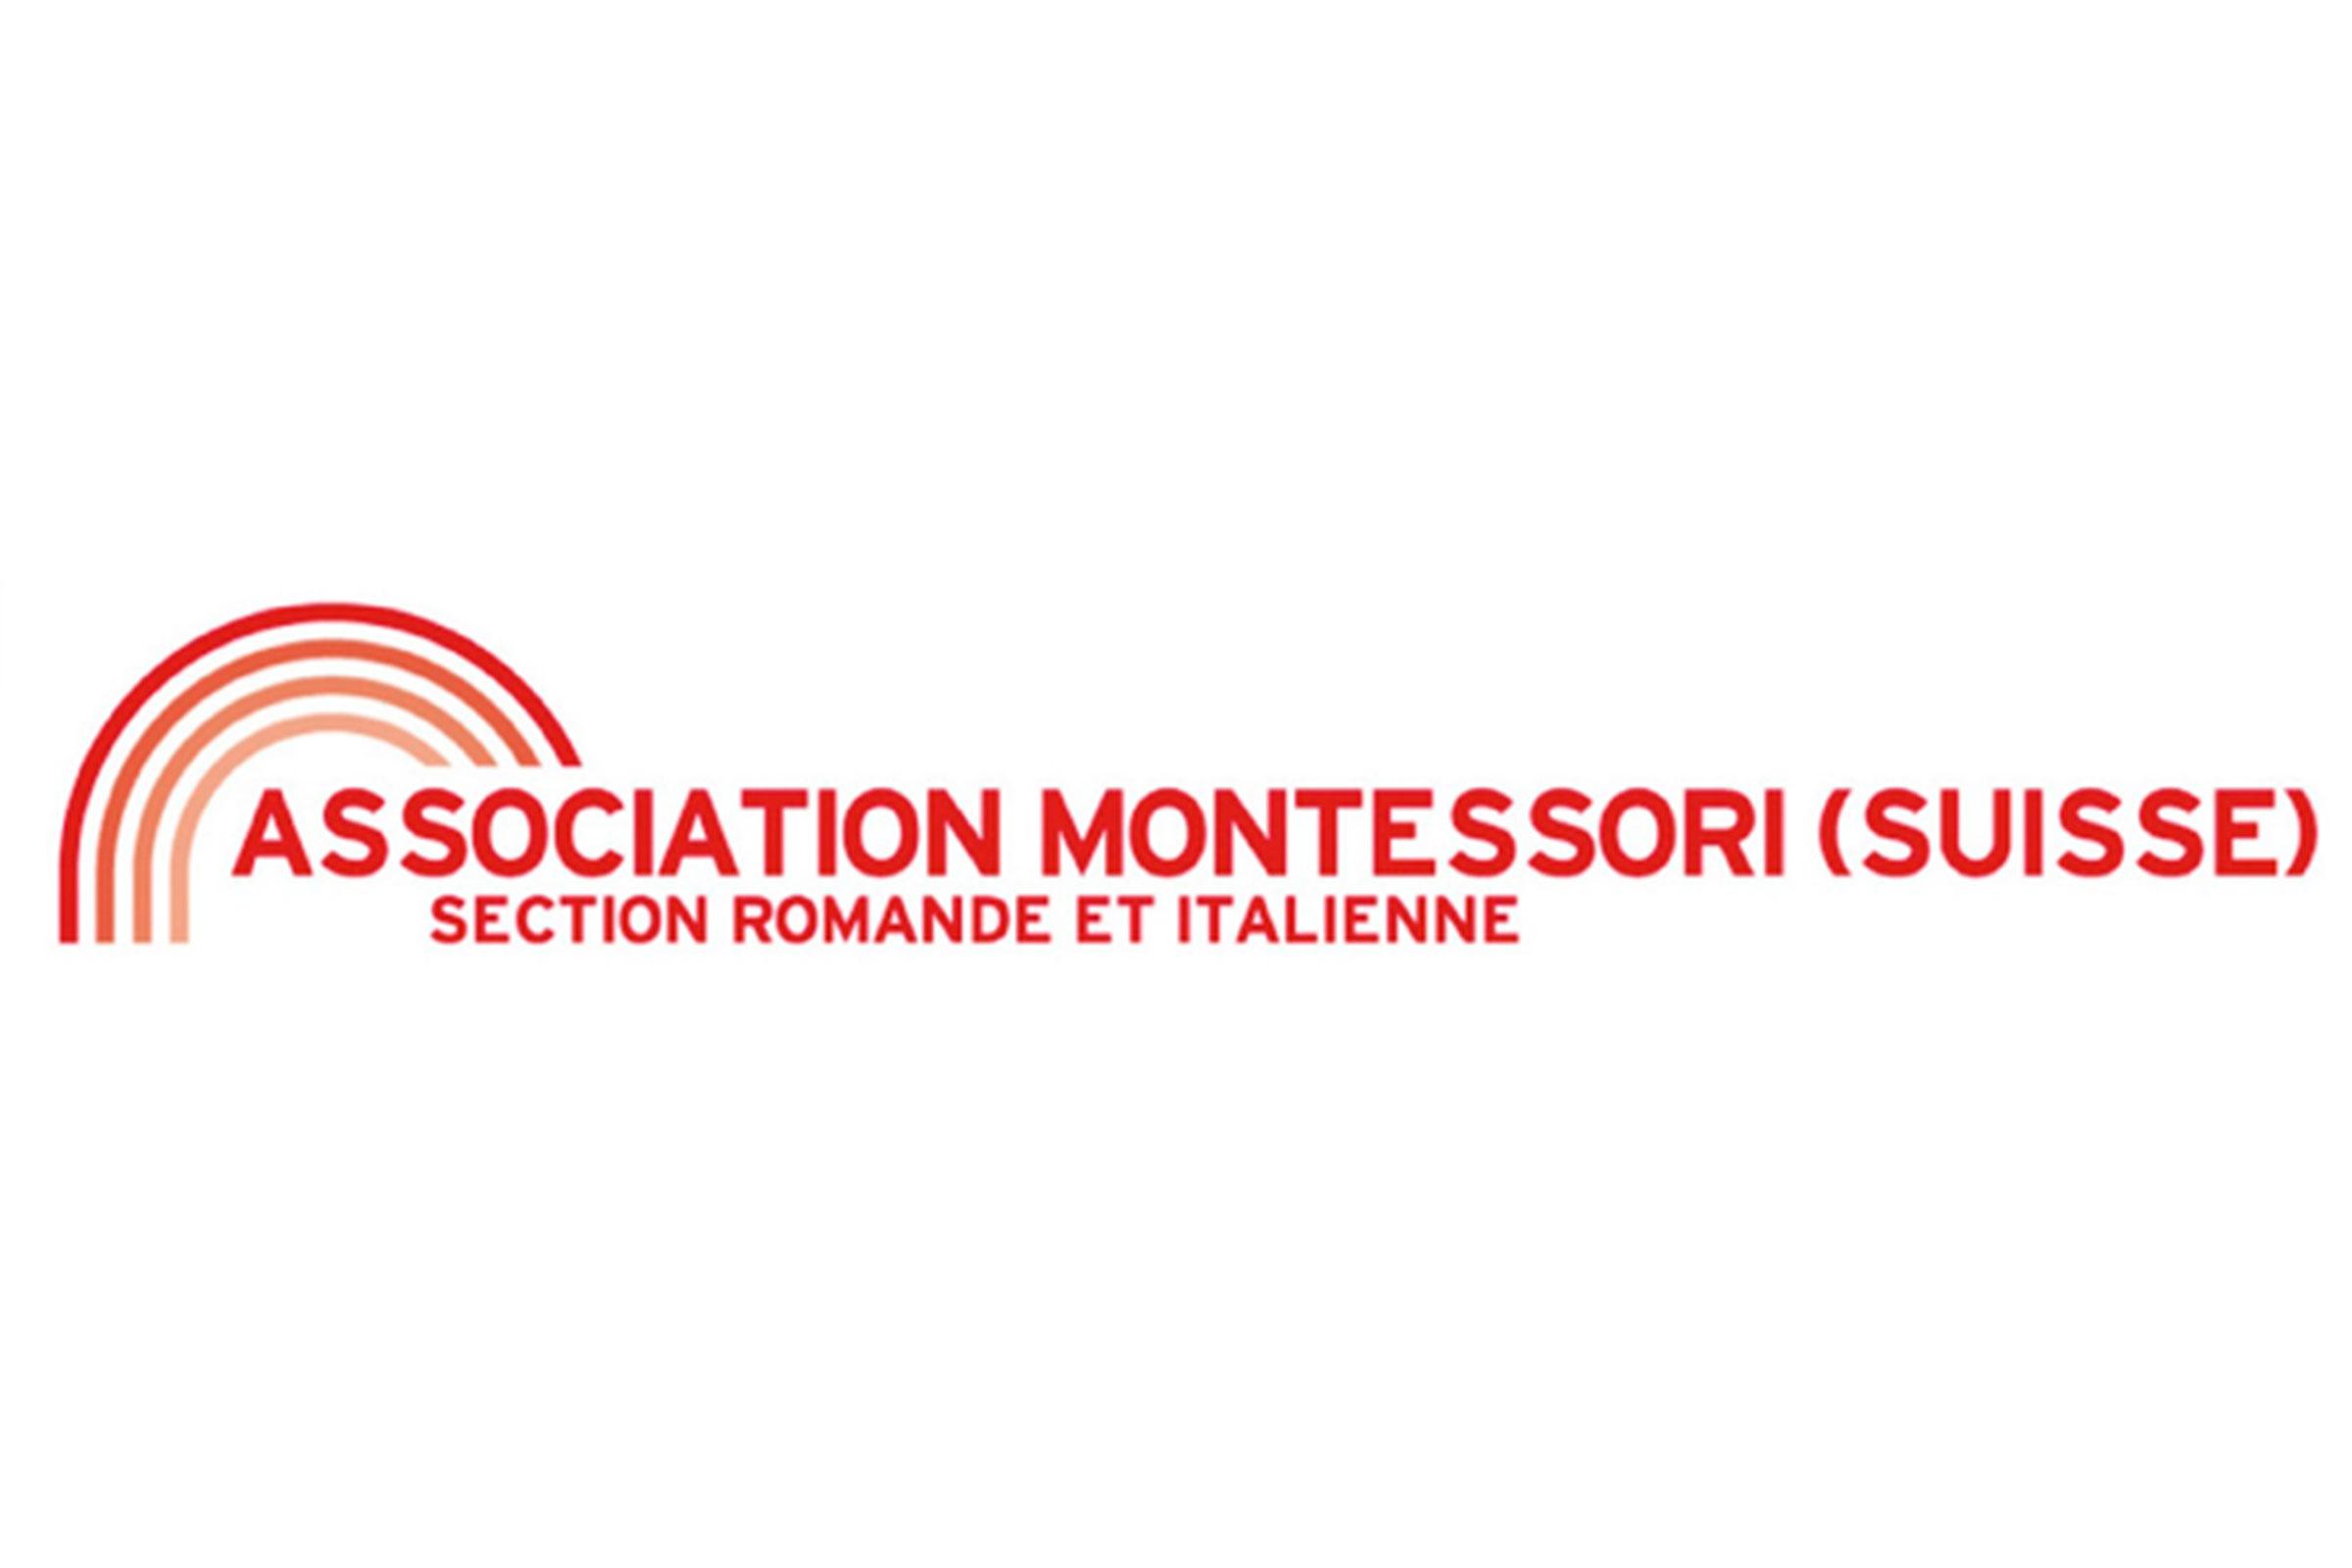 Association Montessori Suisse logo